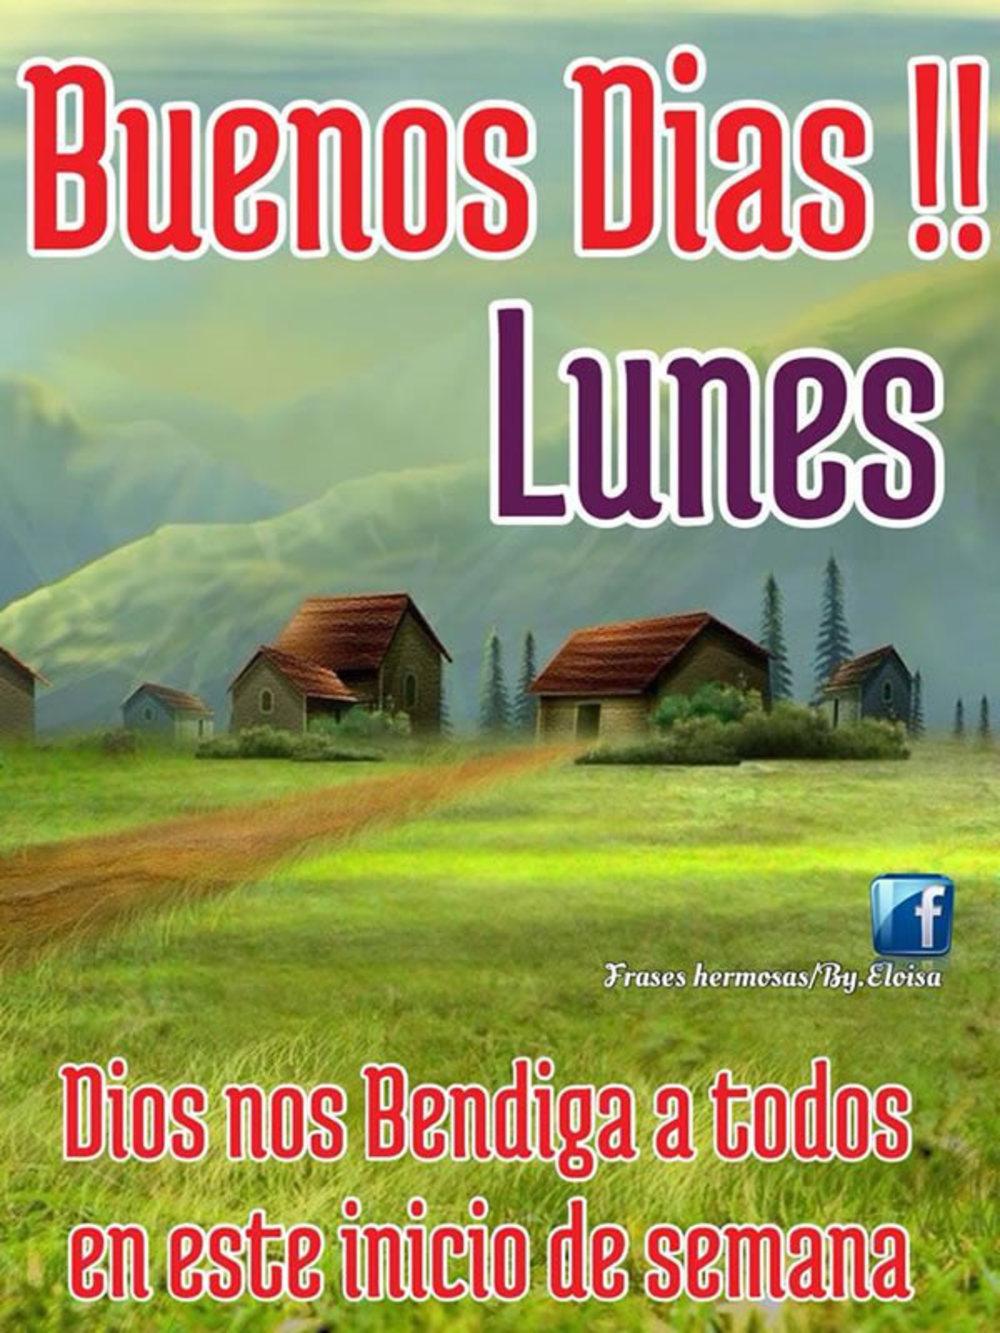 Buenos dias!!! Lunes Dios nos bendiga a todos en este inicio de semana